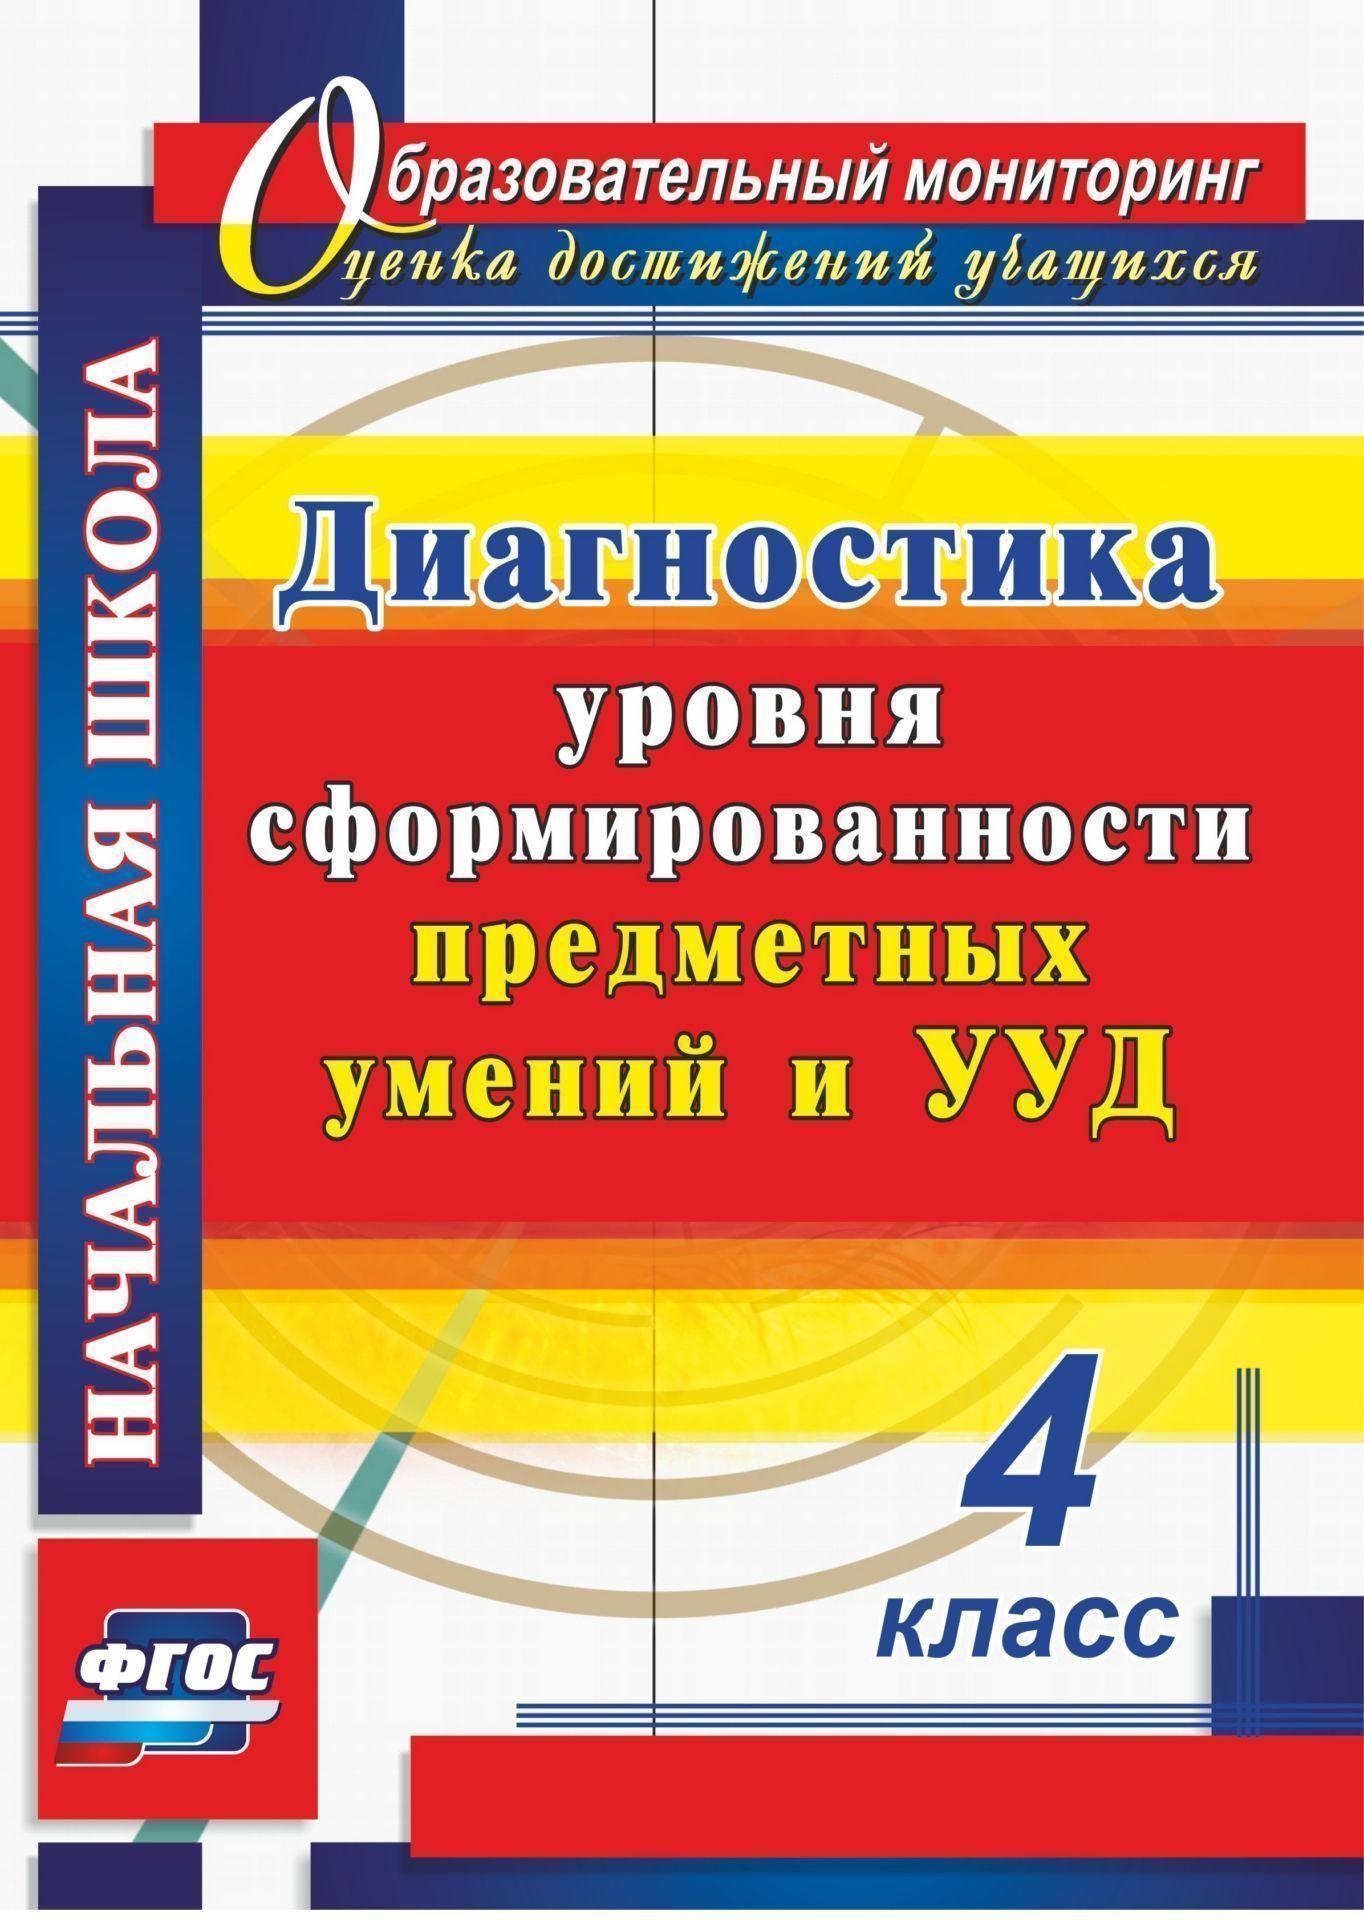 Т. М. Лаврентьева, О. А. Исакова Диагностика уровня сформированности предметных умений и УУД. 4 класс